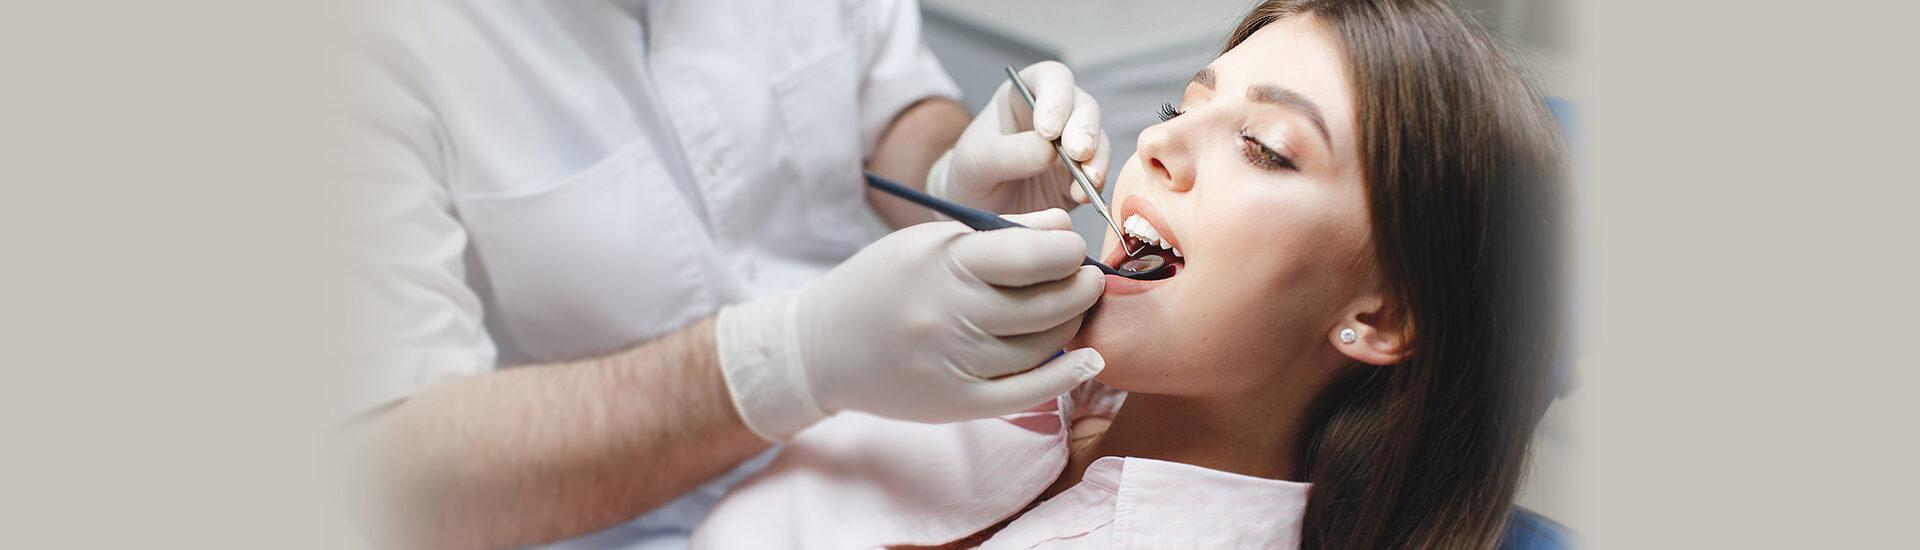 General Dentistry in Oak Lawn, IL